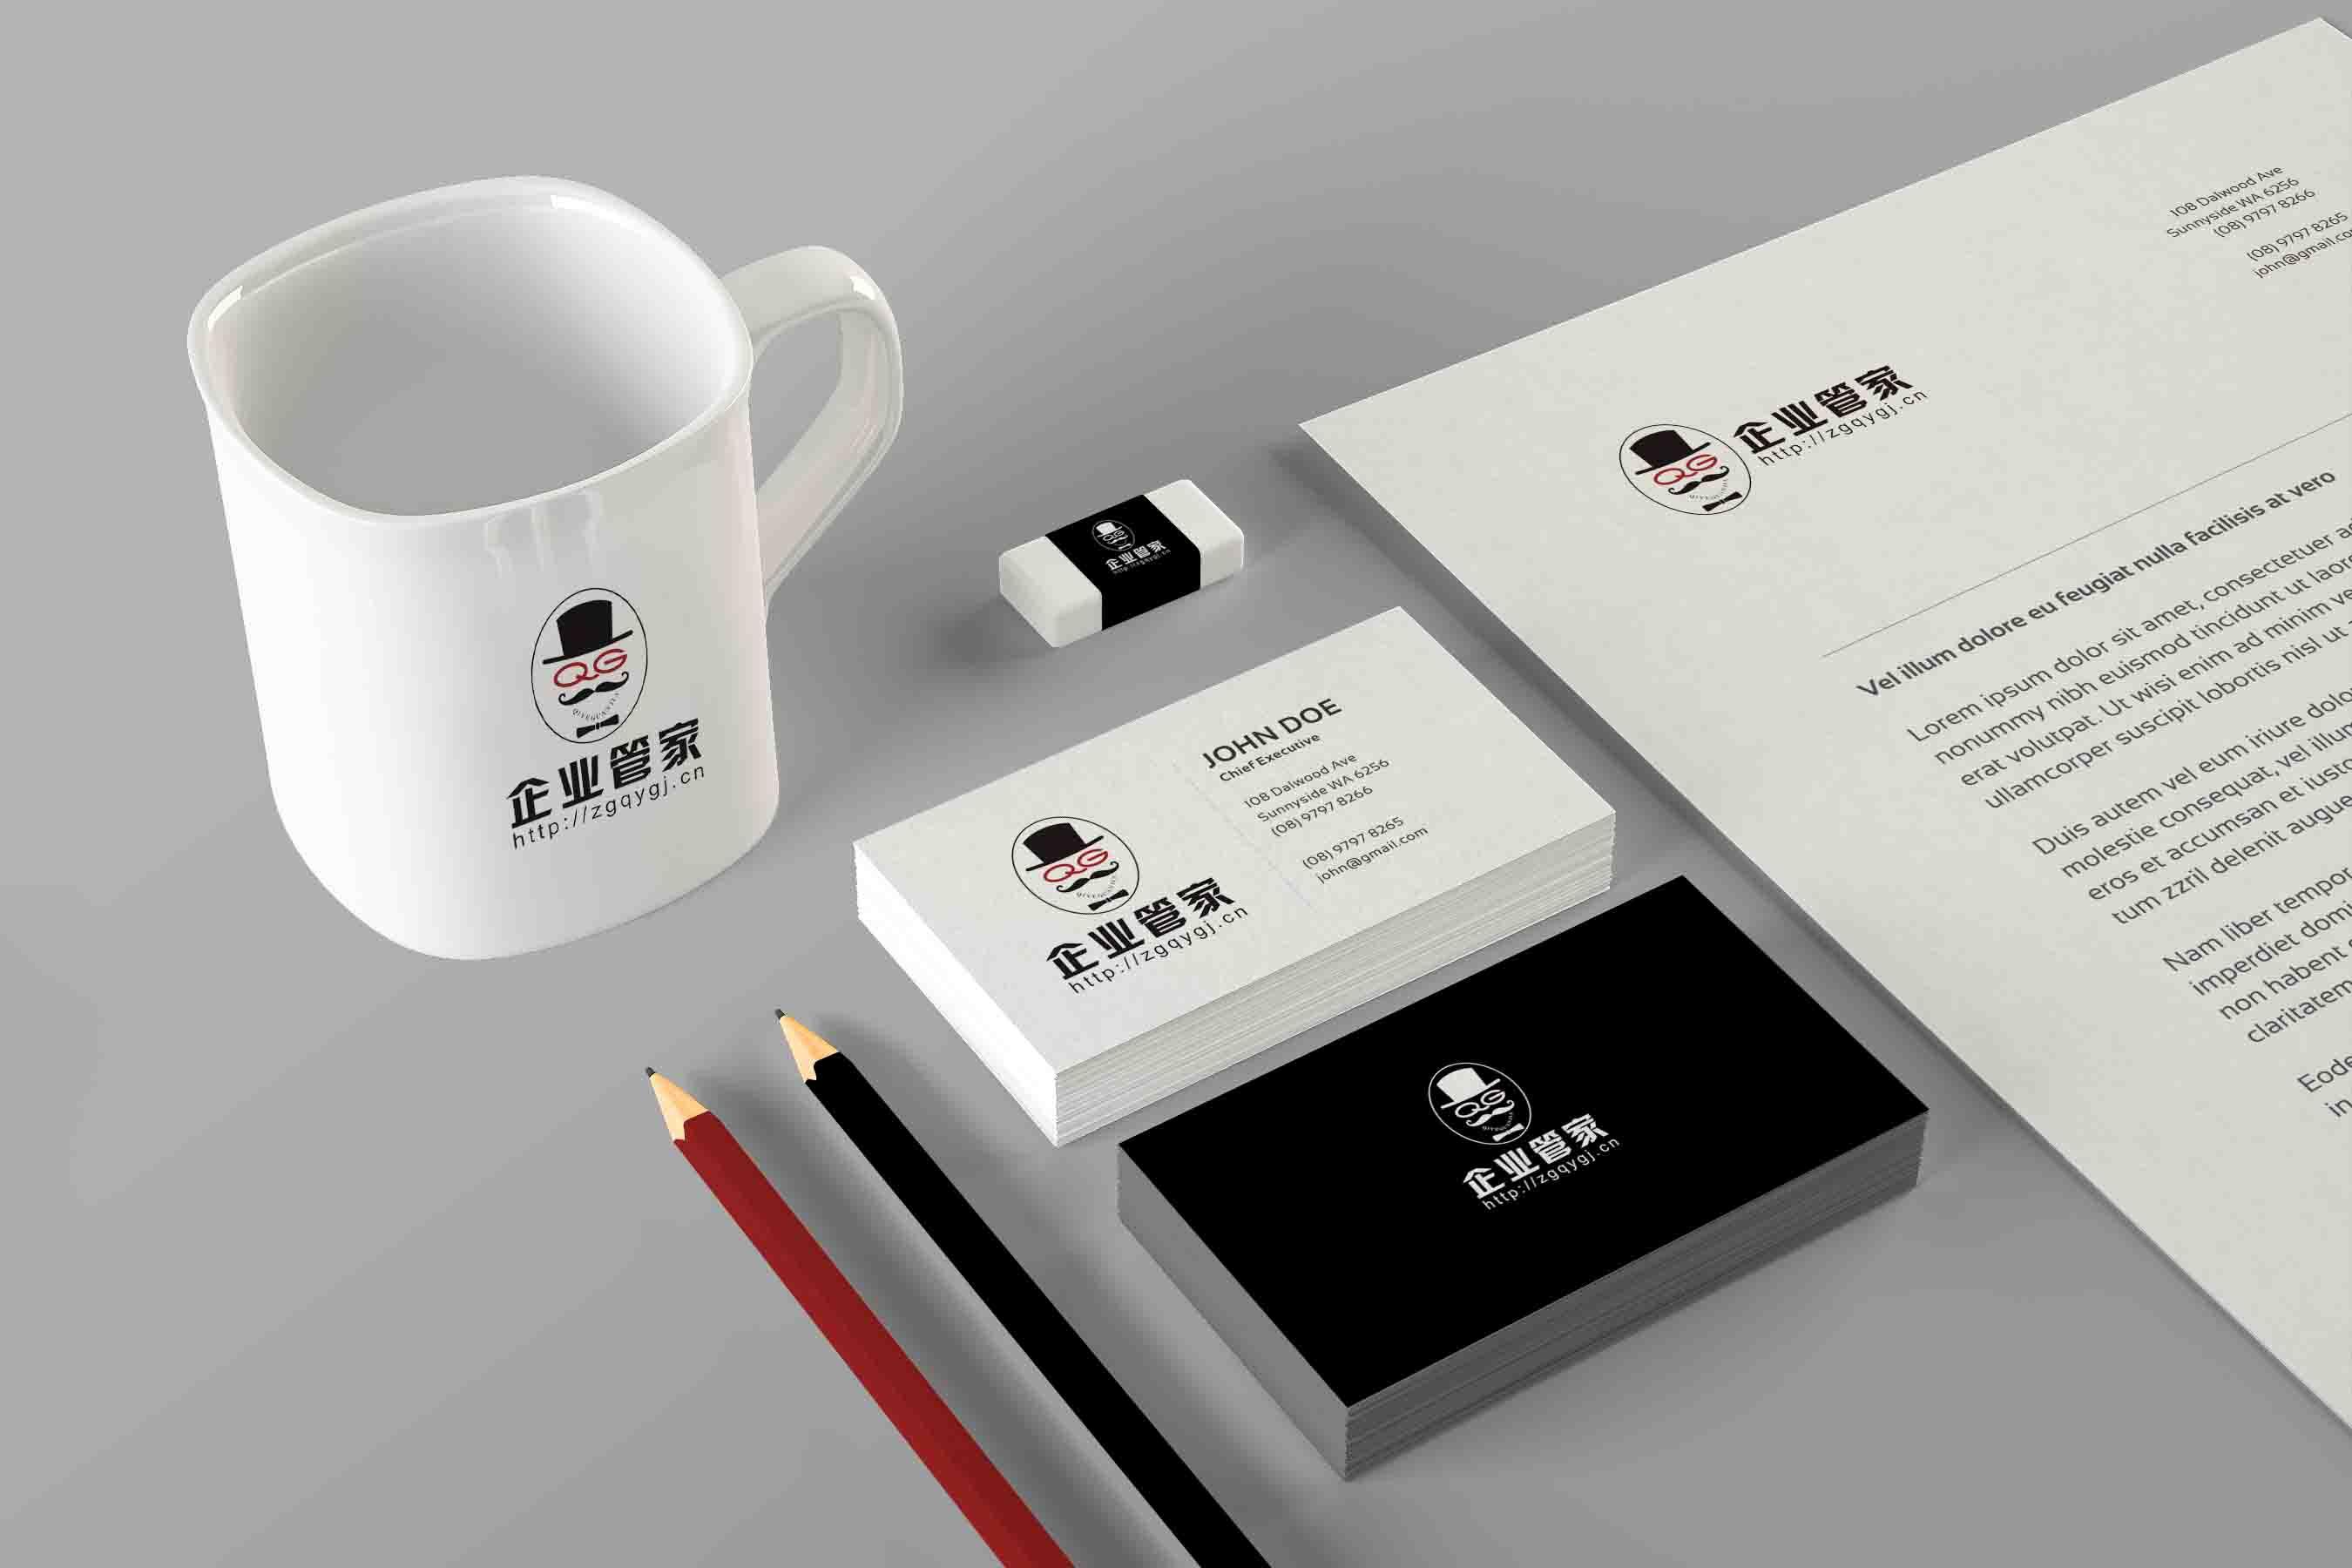 企业管家形象logo设计_2963301_k68威客网